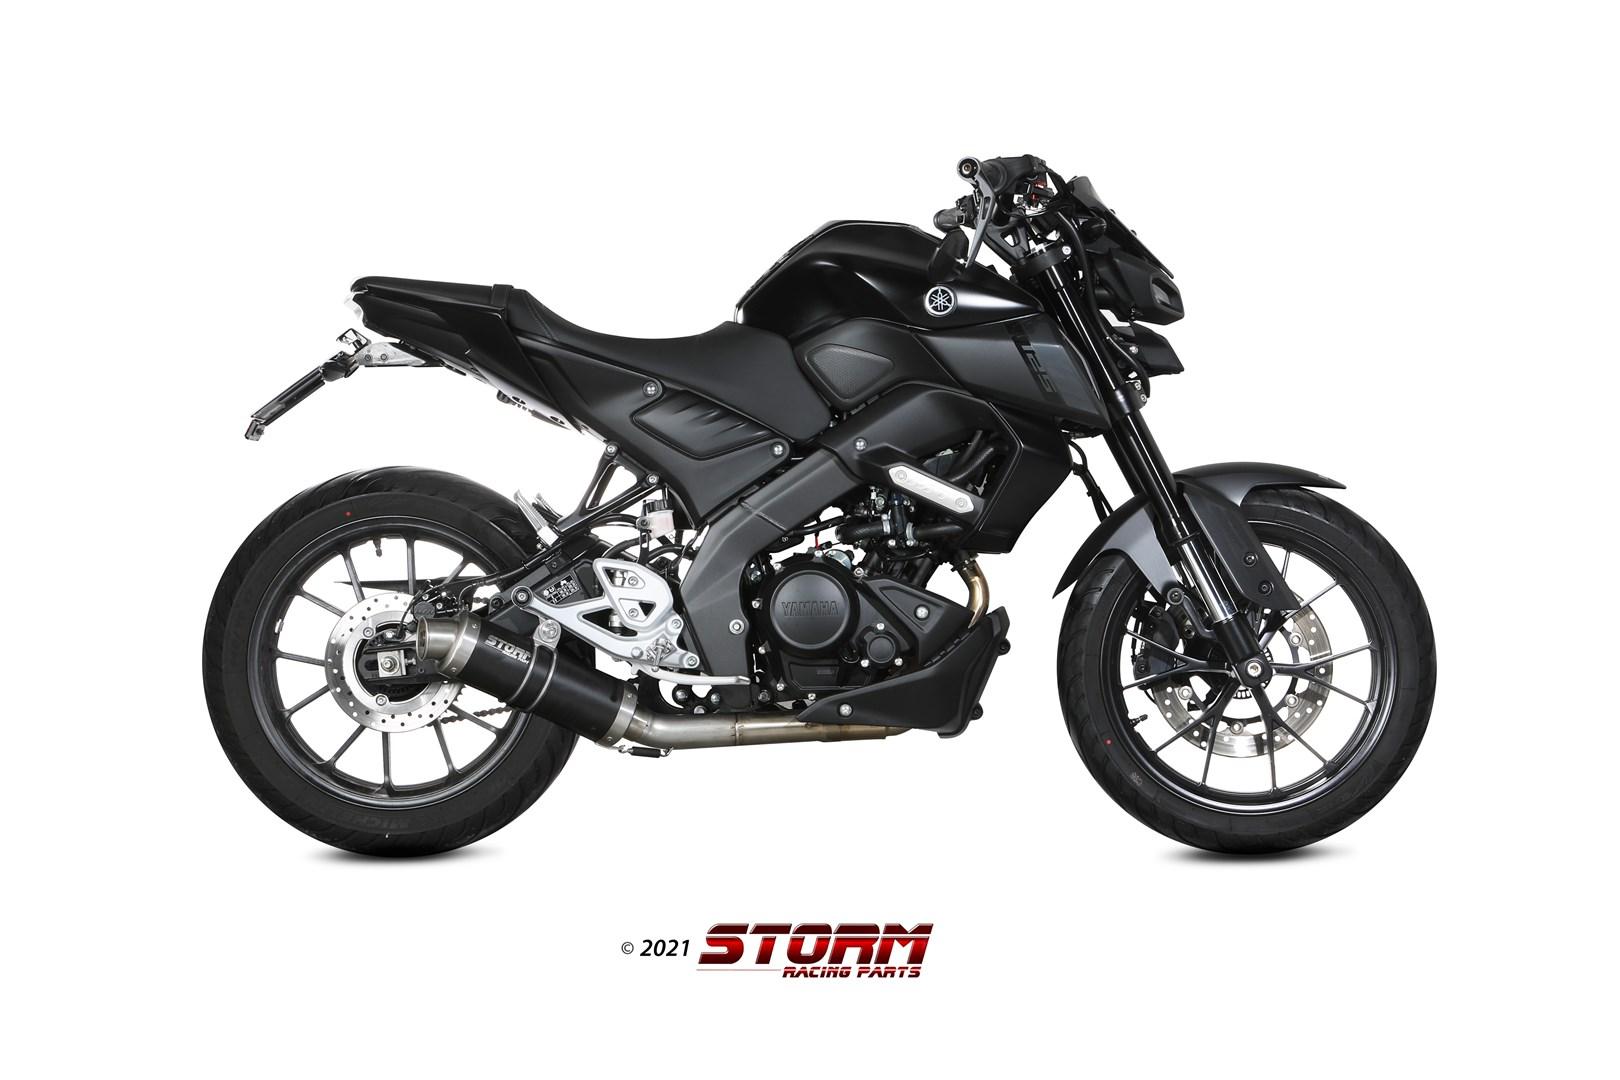 Yamaha_MT125_2021-_74Y067LXSB_$01